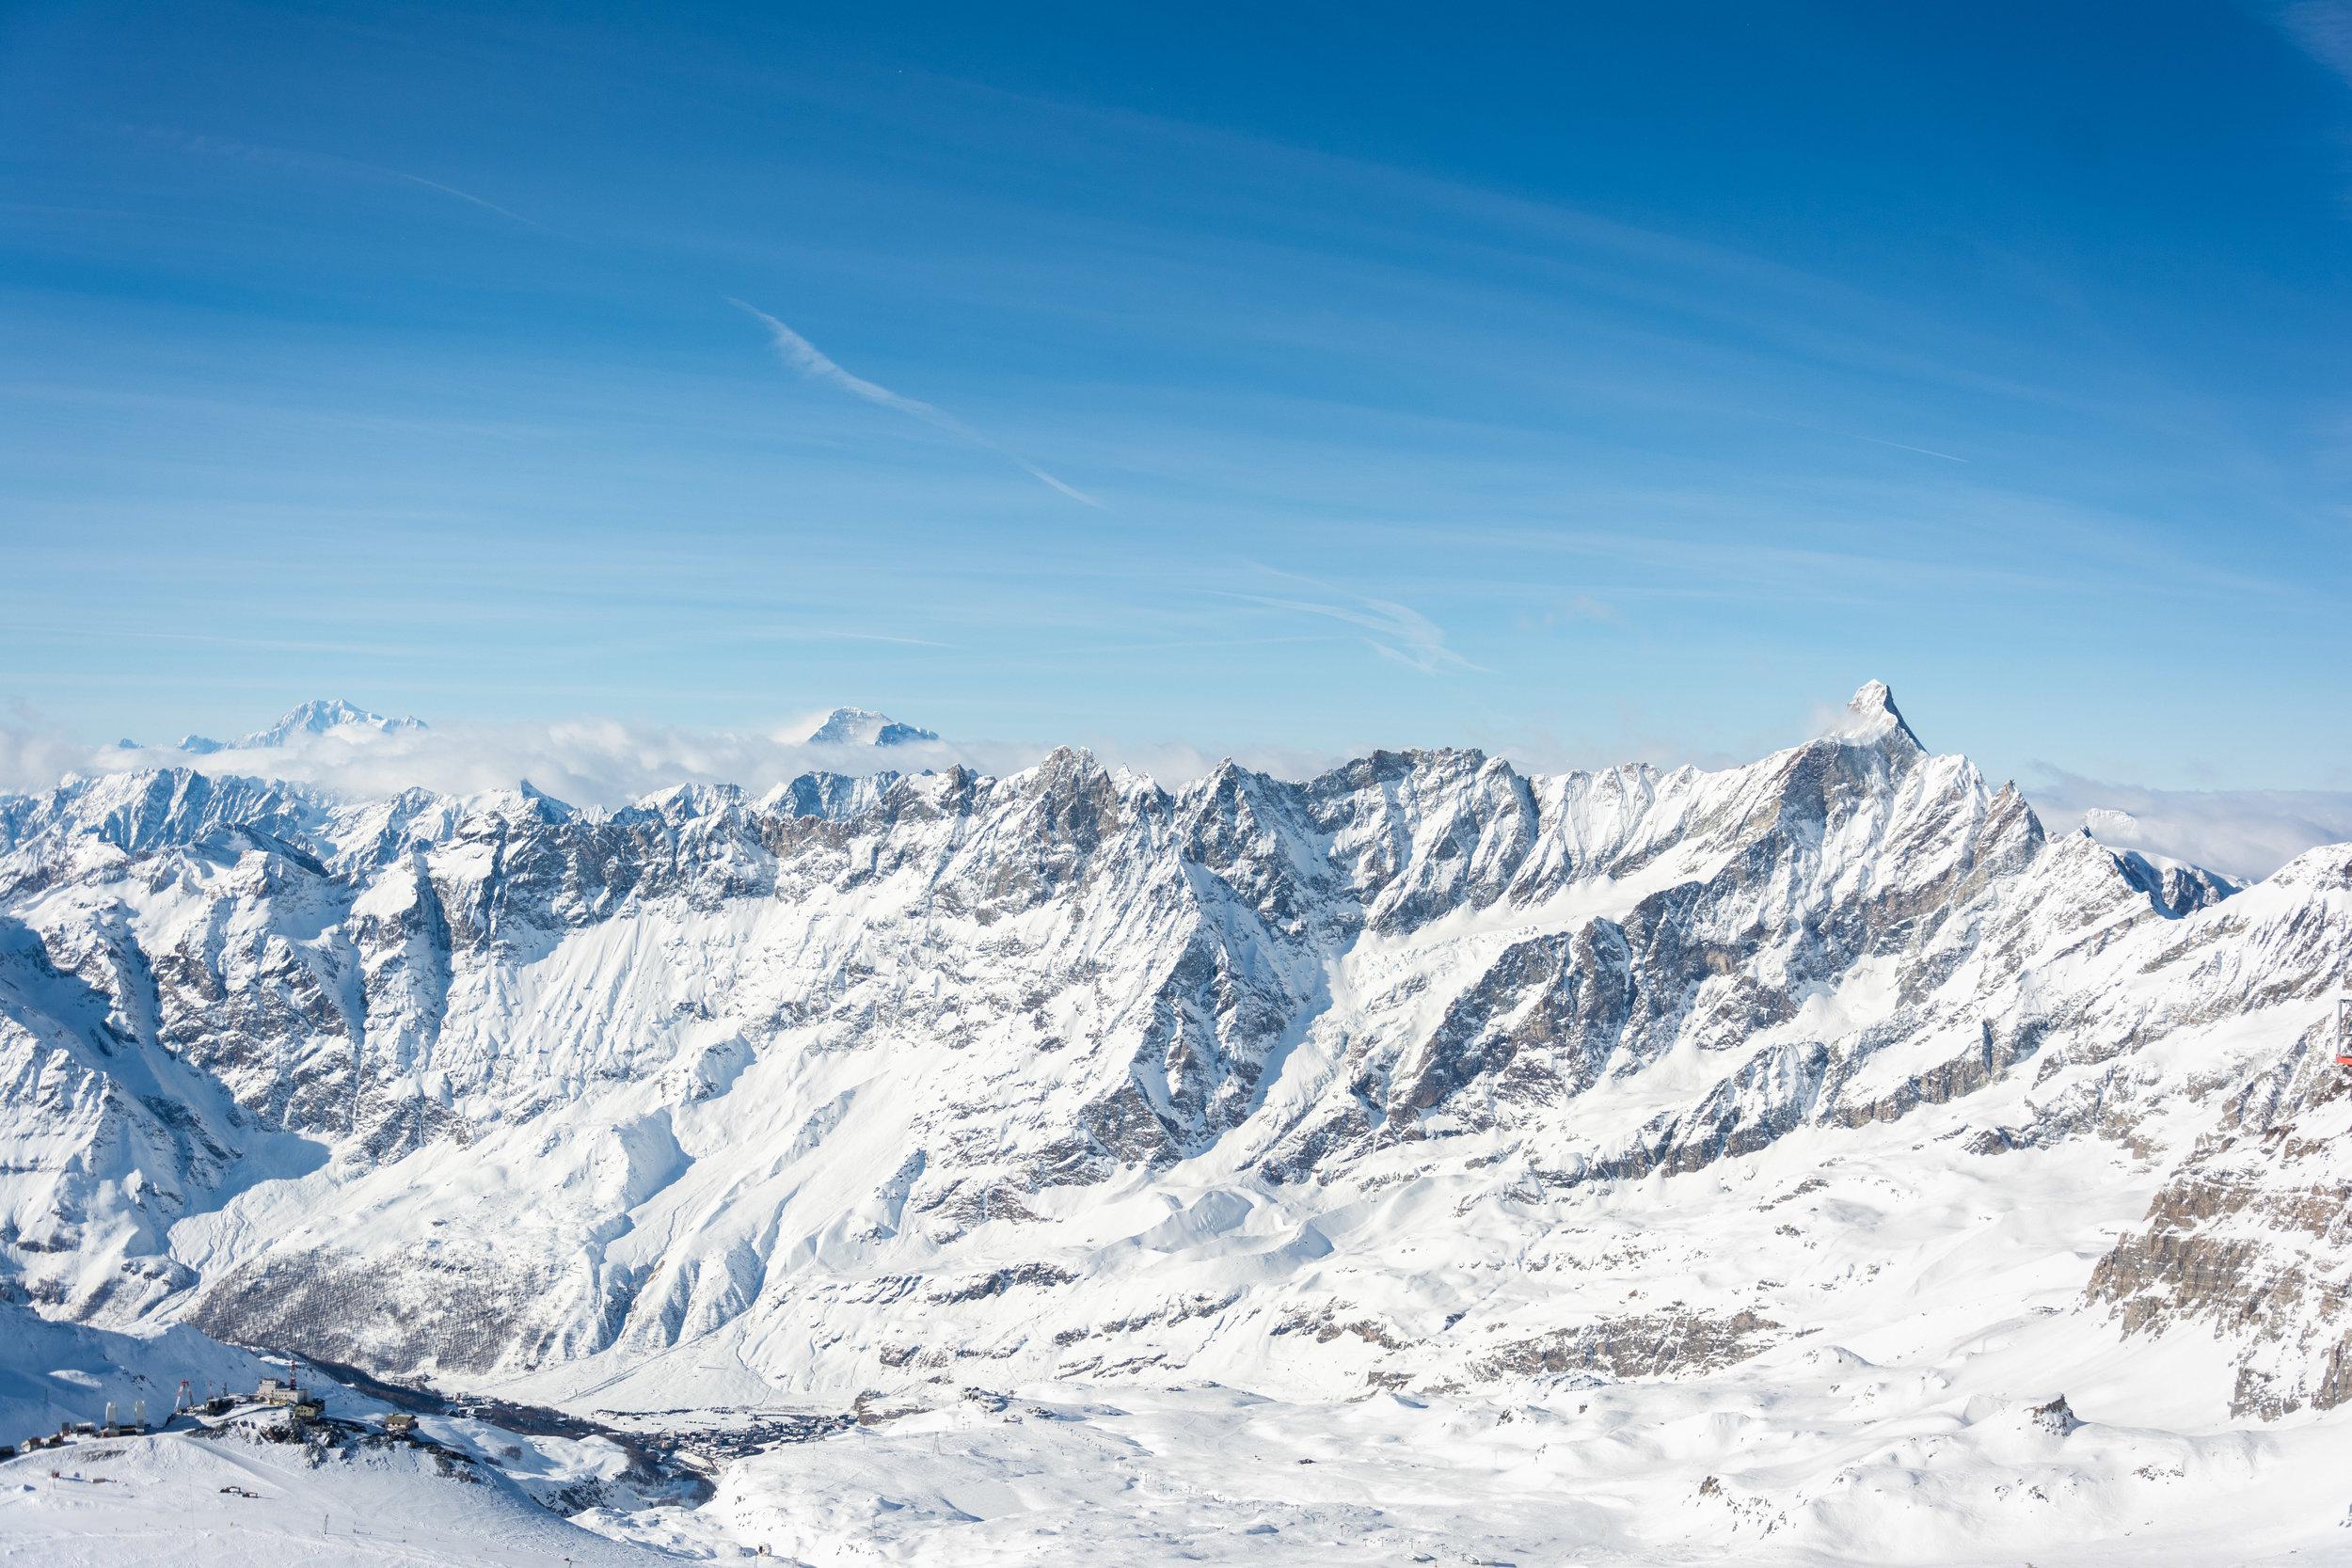 12, 740 feet - p. 3